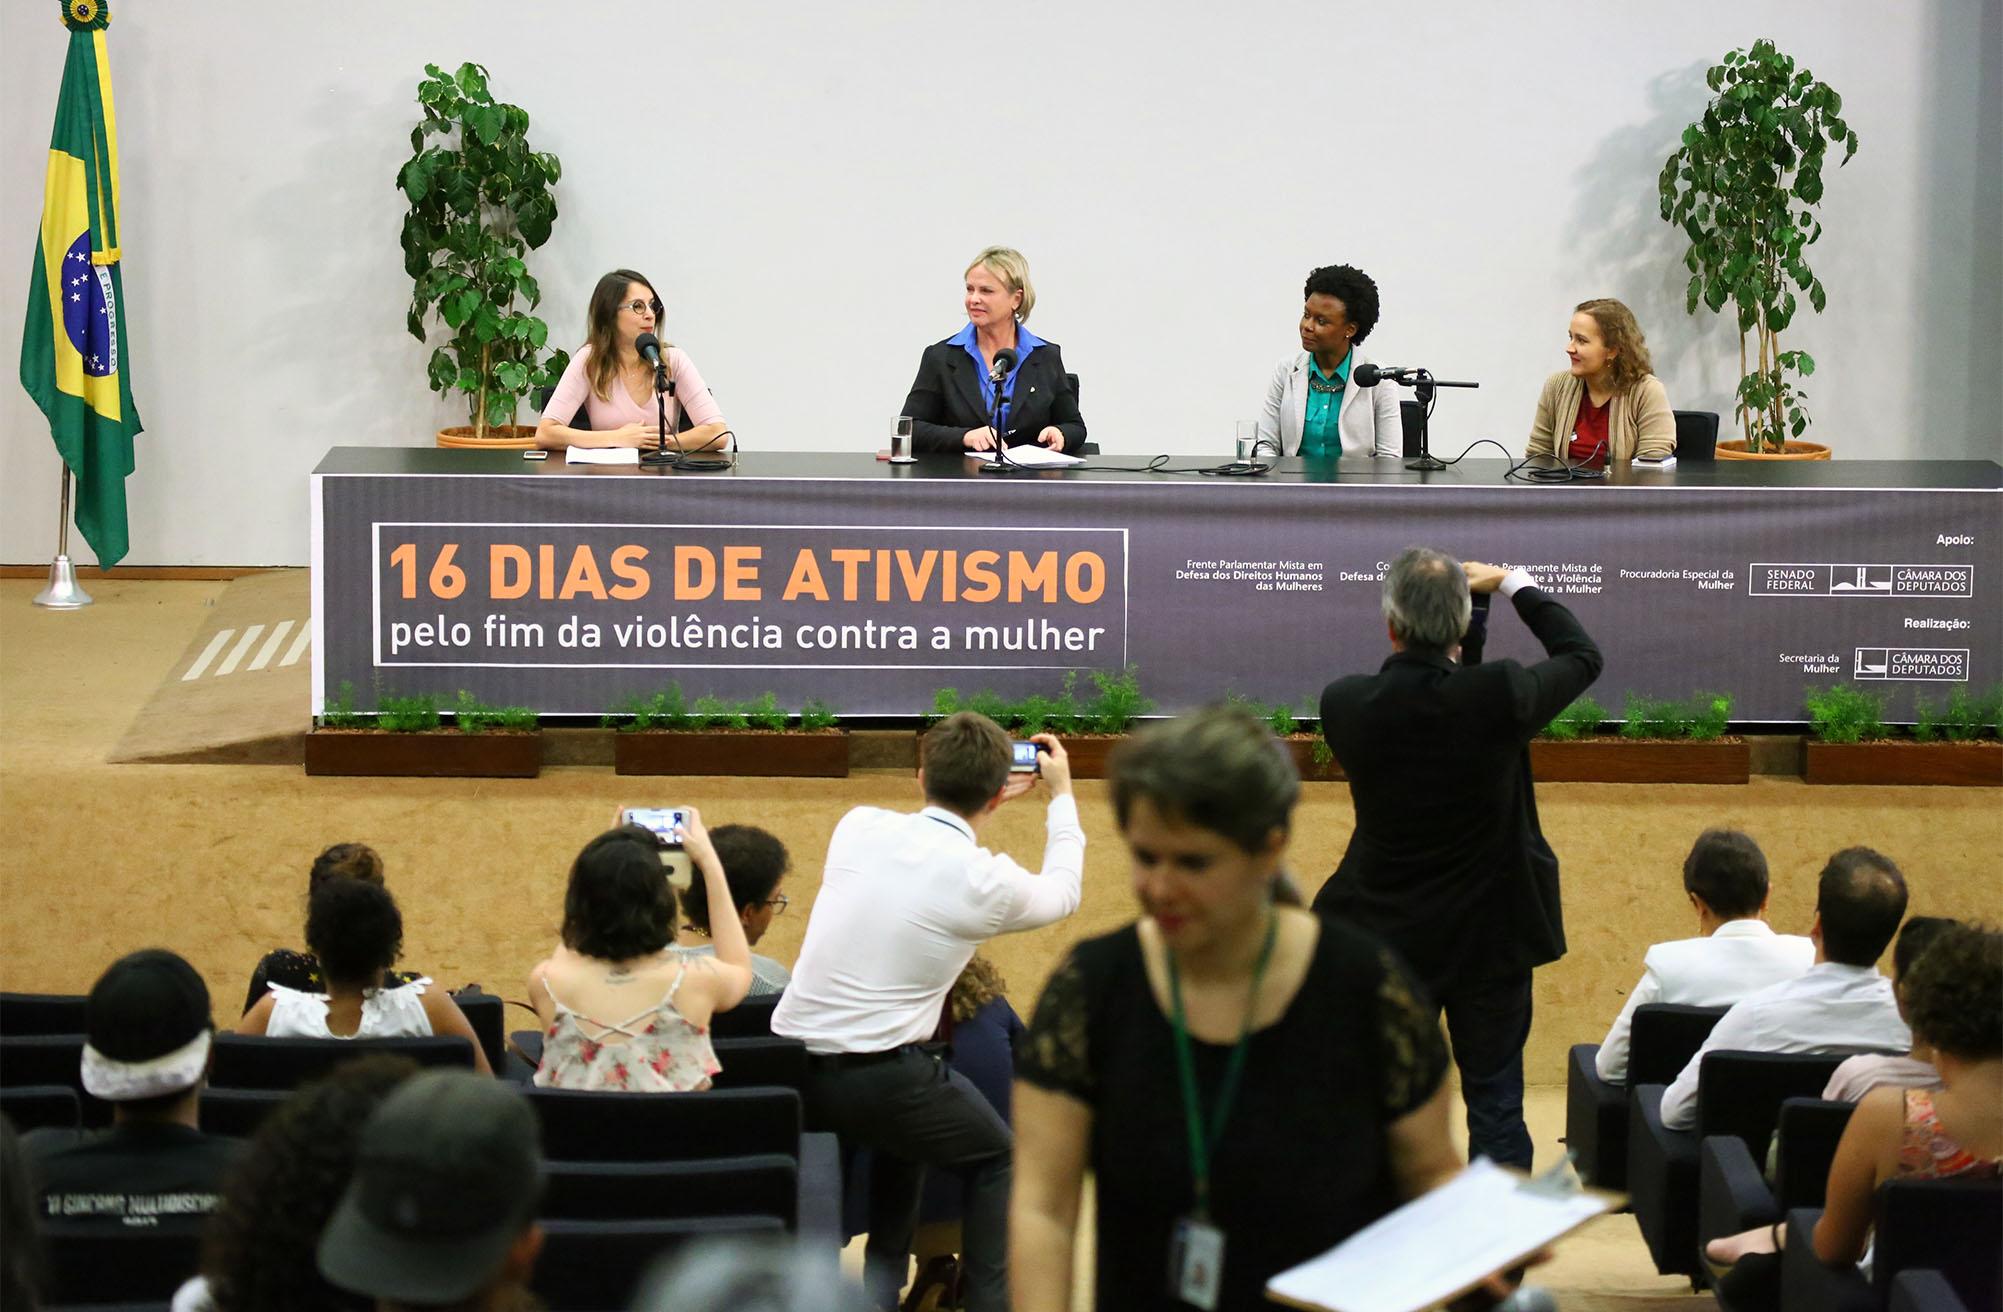 Debatedoras pedem medidas de proteção às mulheres contra violência na internet